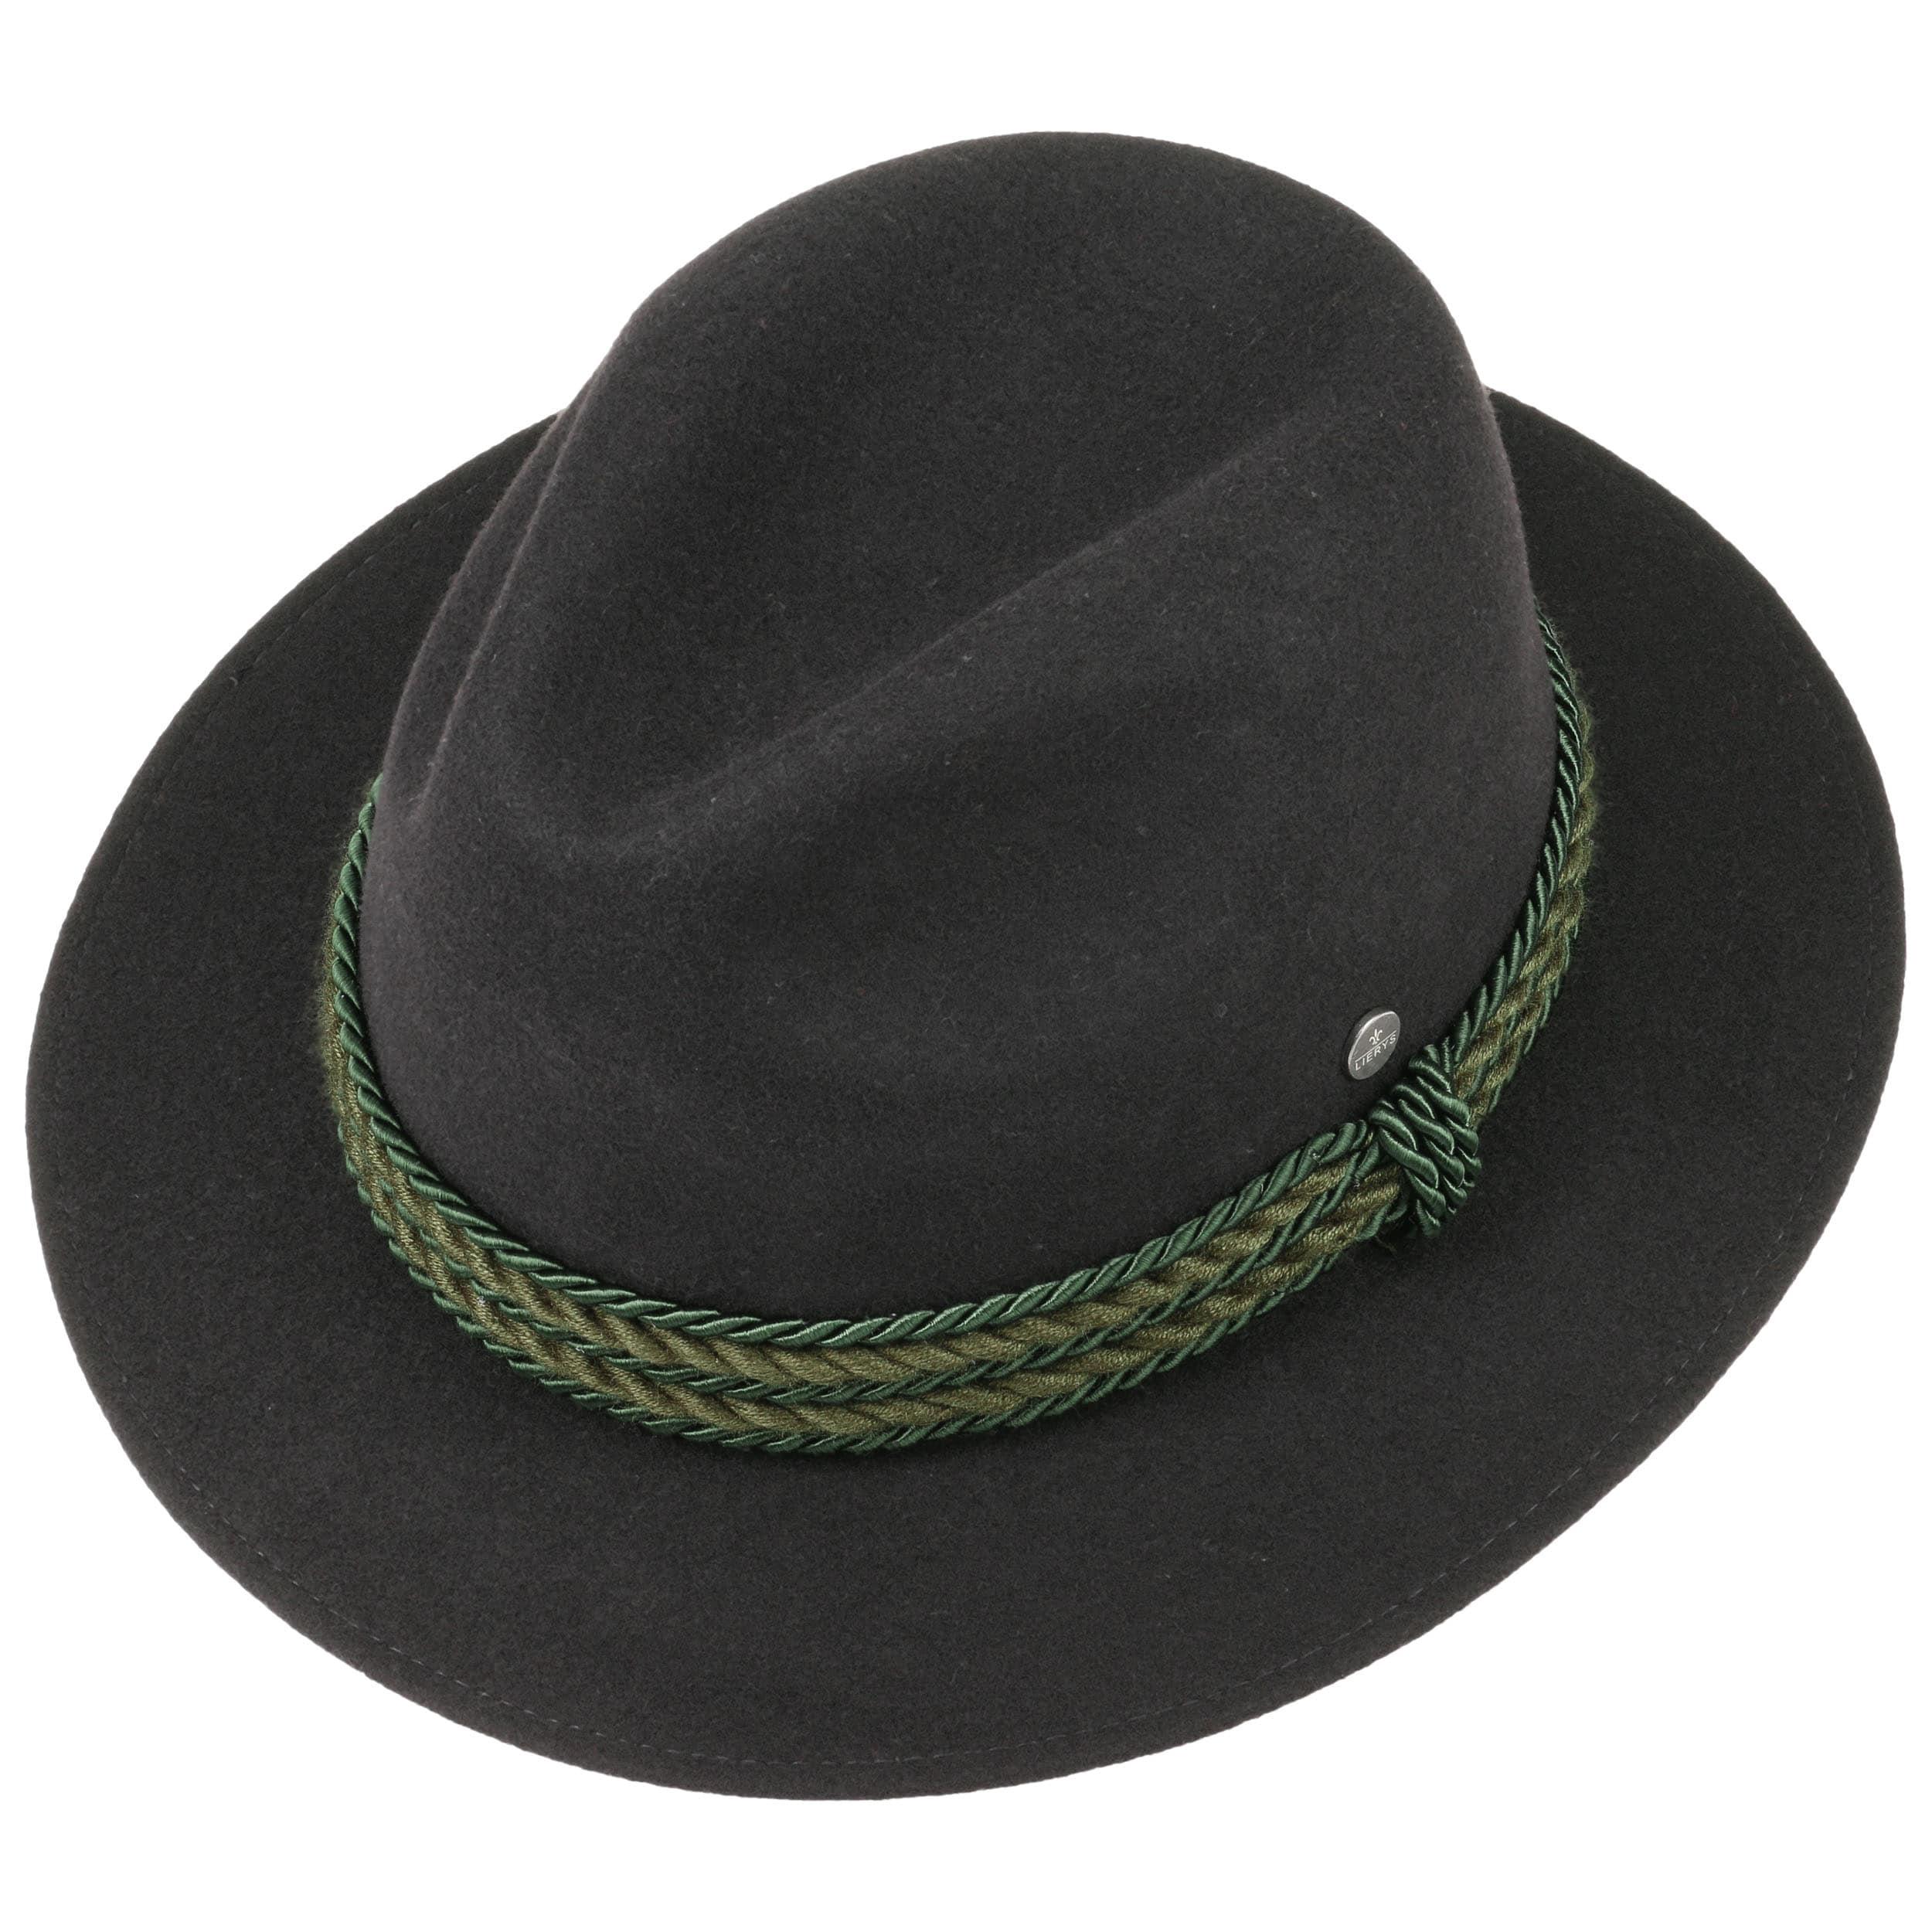 e31aa140950 Steiermark Traditional Hat by Lierys - black 1 ...